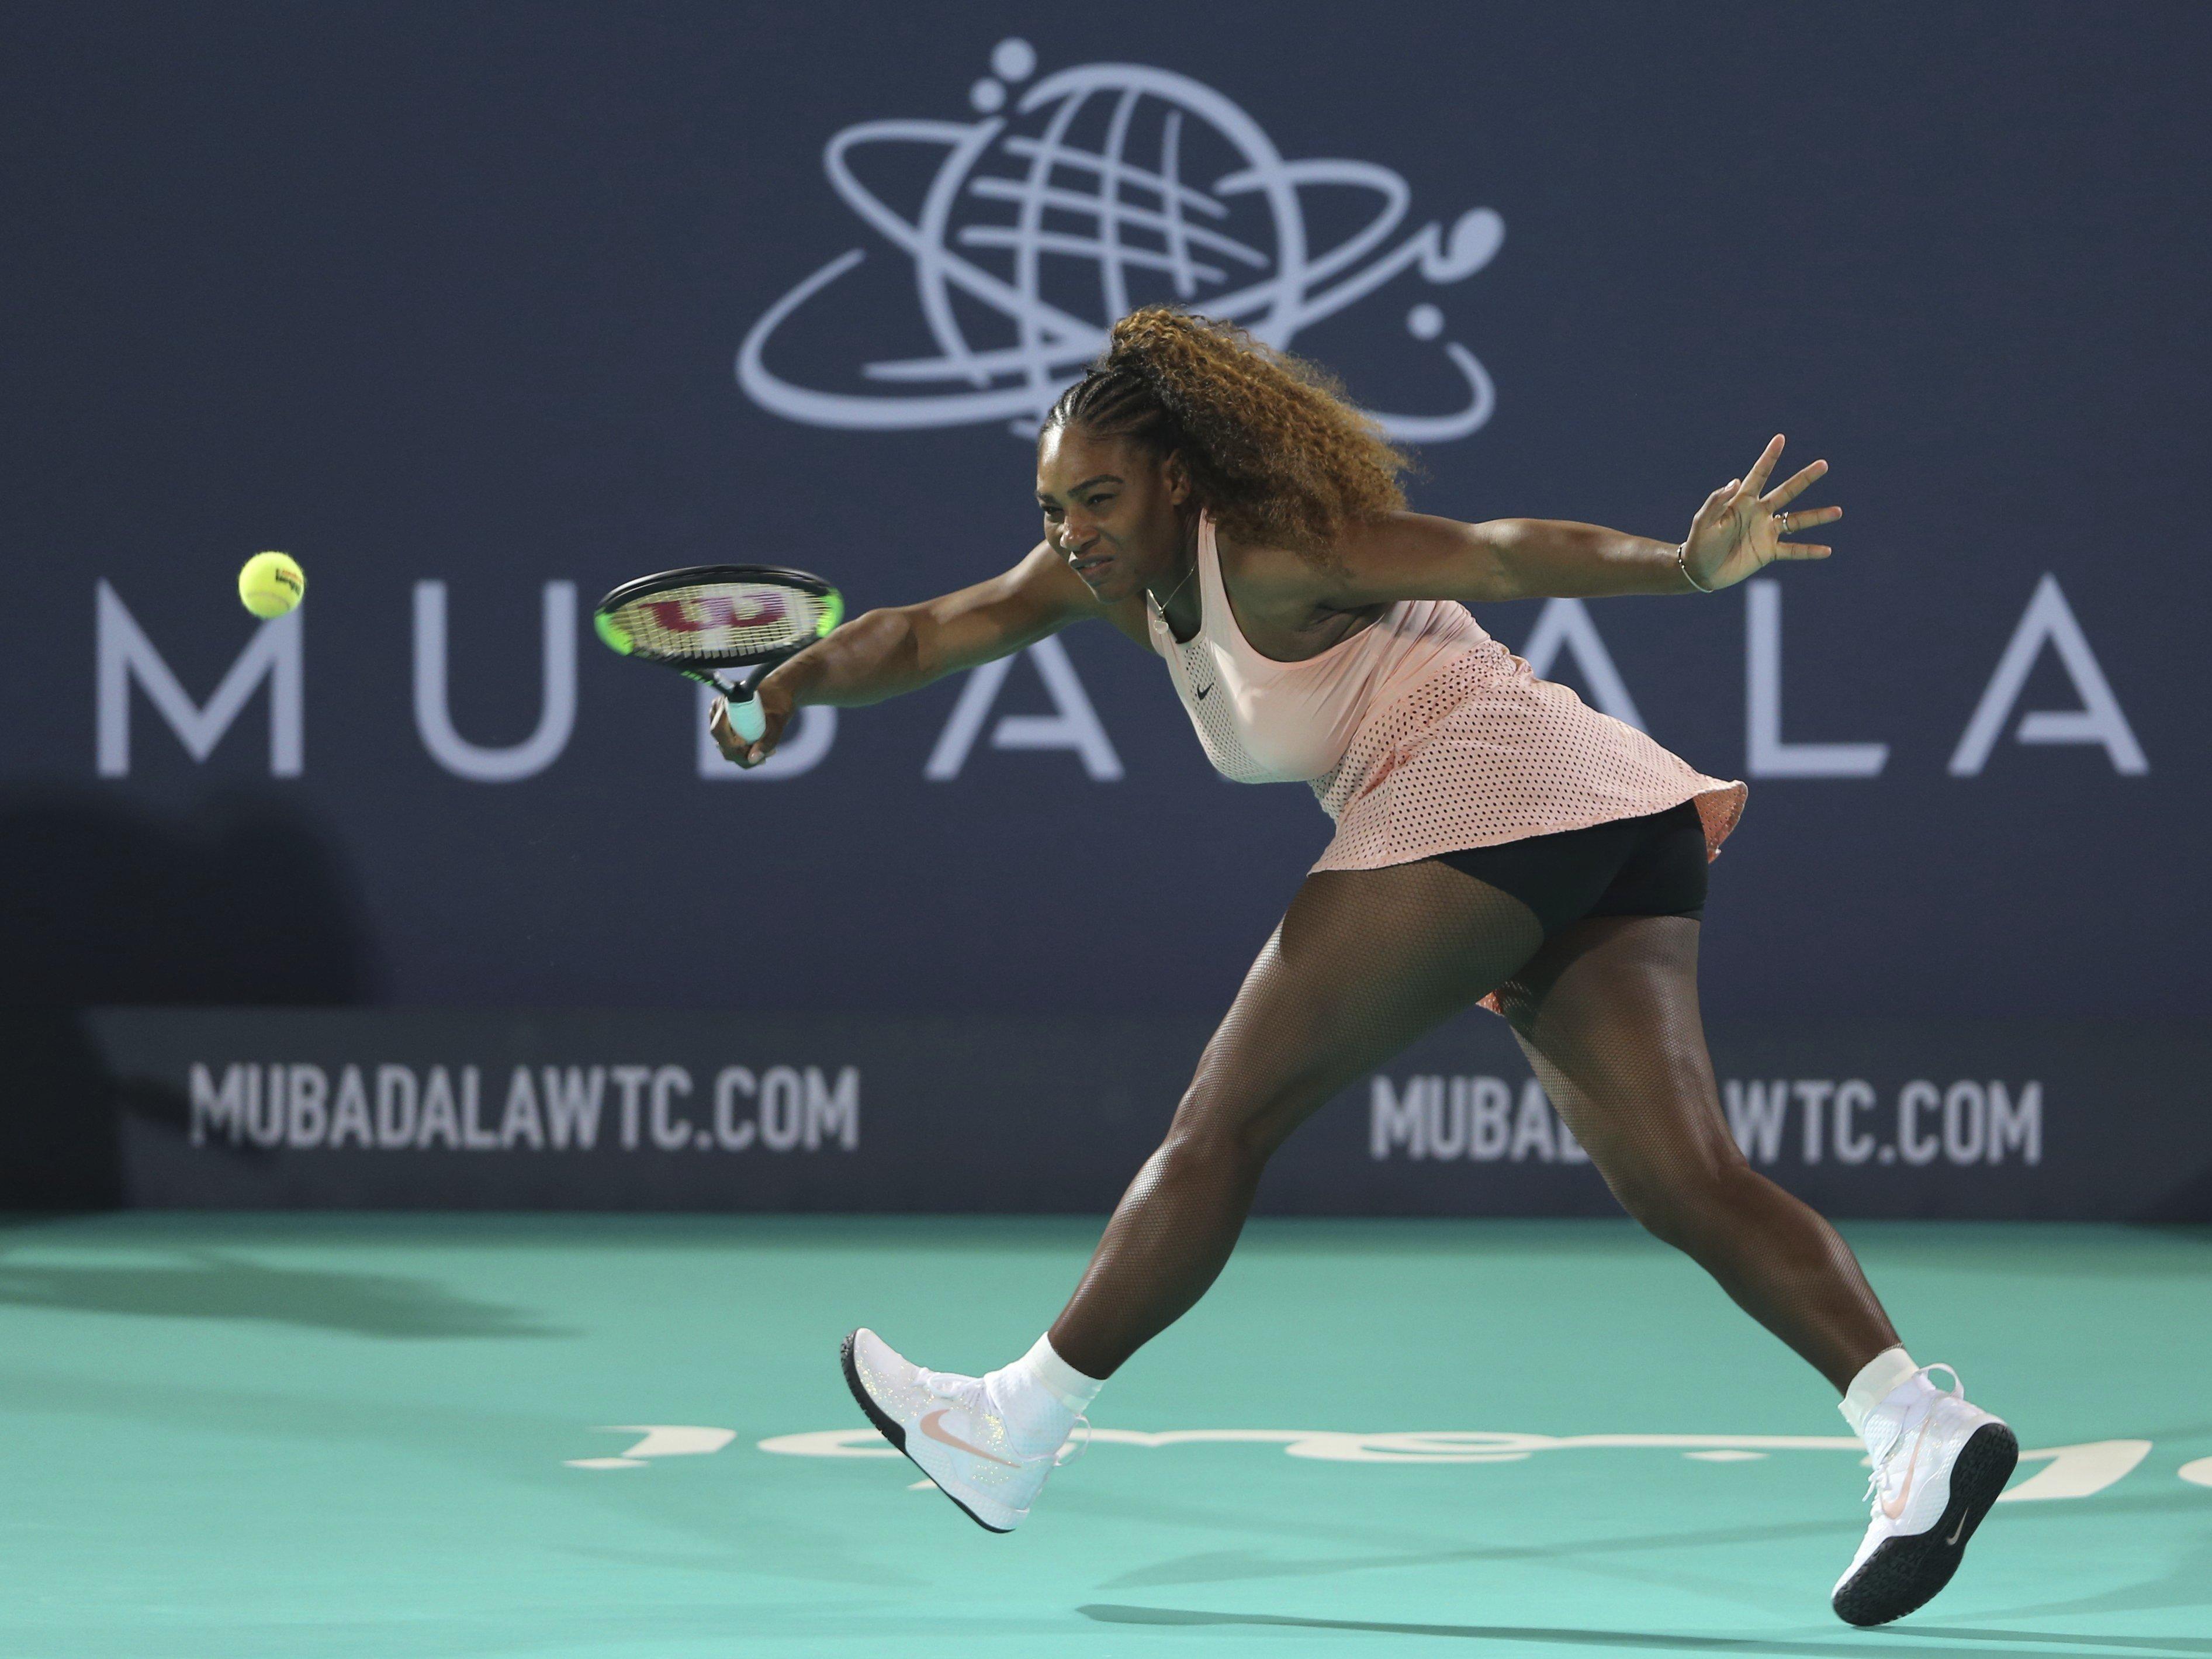 Serena Williams' Glittery Sneakers